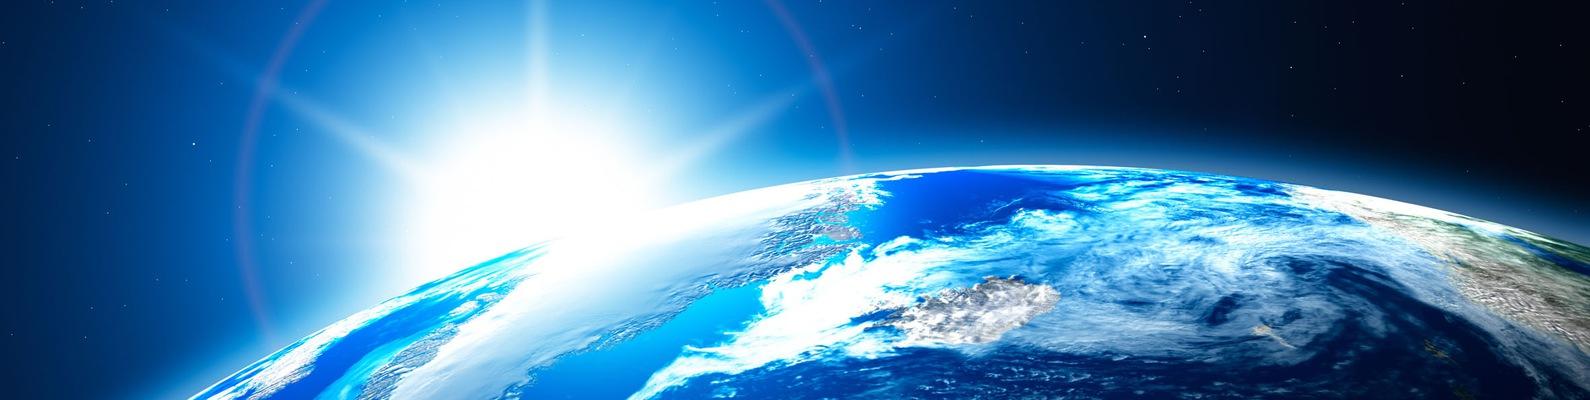 Планета земля чудо вселенной вконтакте андрей окулов вконтакте